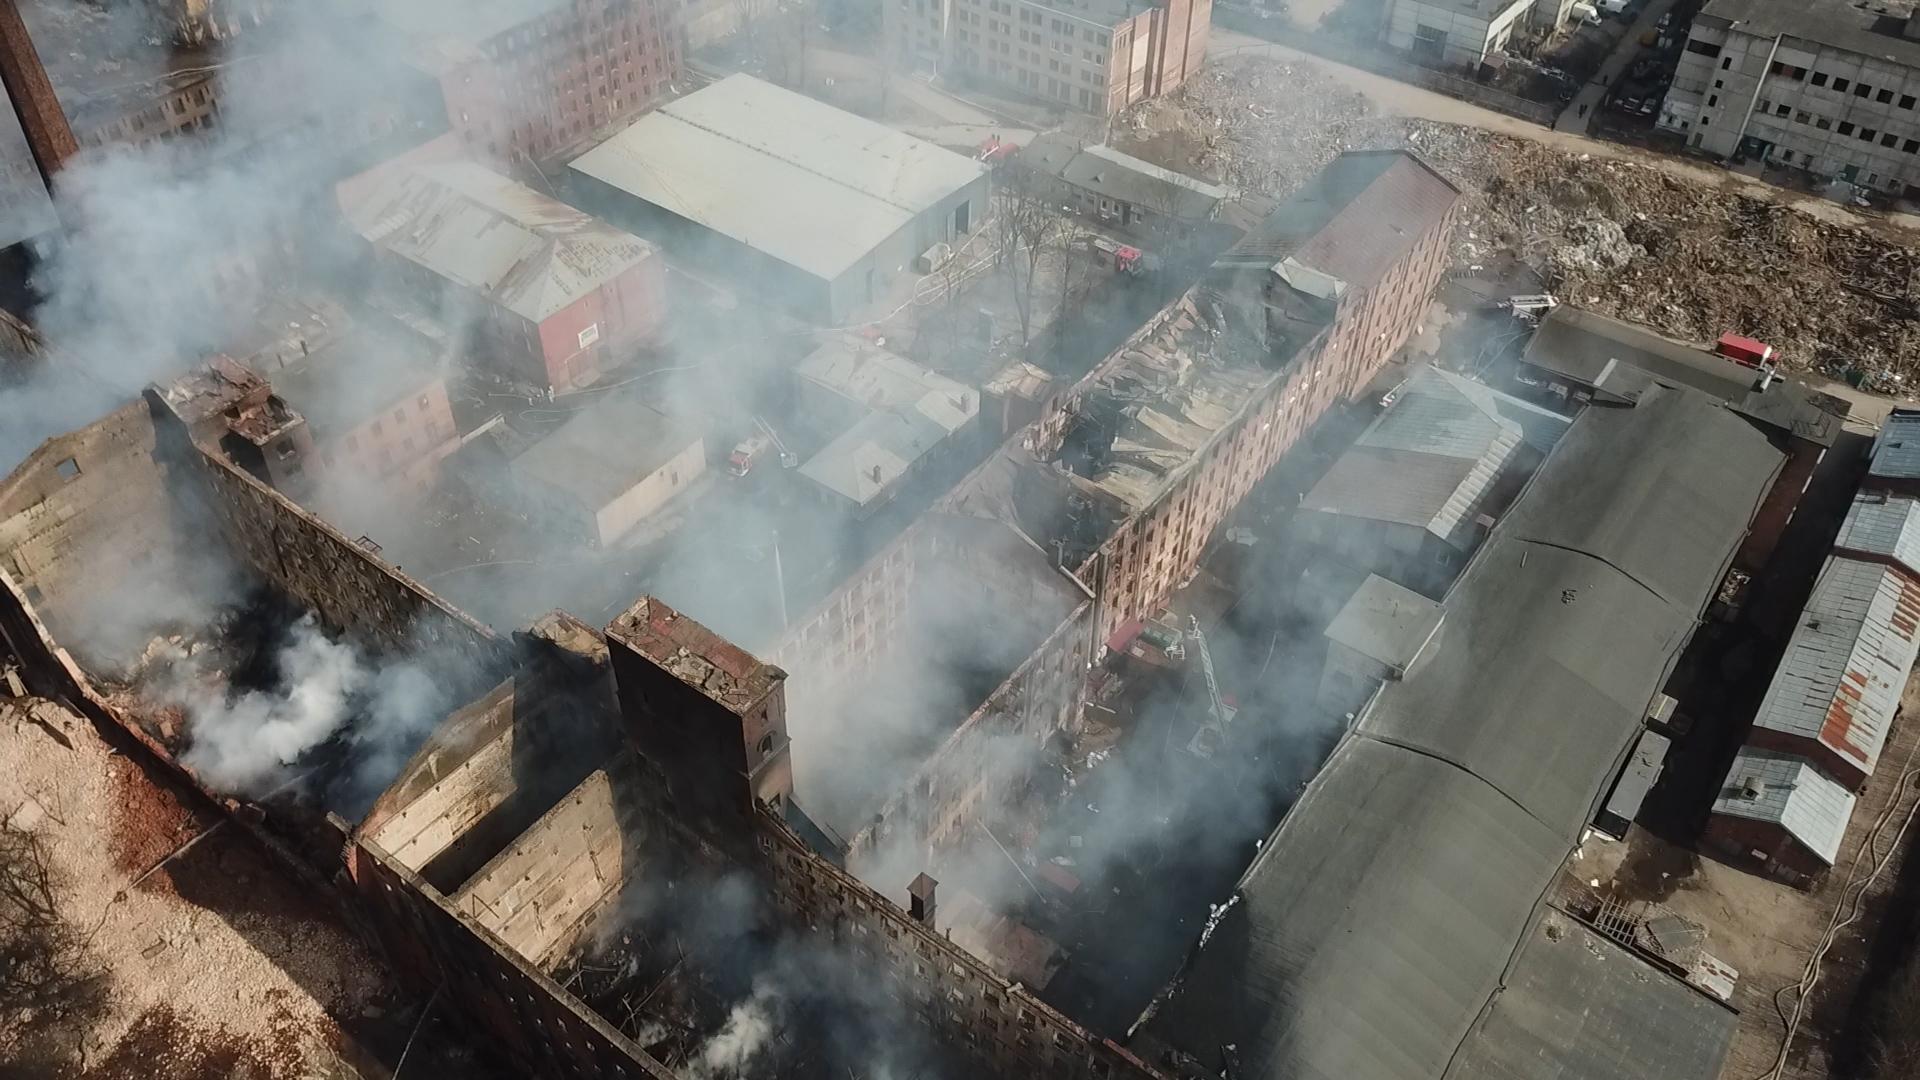 Всё, что осталось от сгоревшей Невской мануфактуры: Лайф публикует видео с коптера